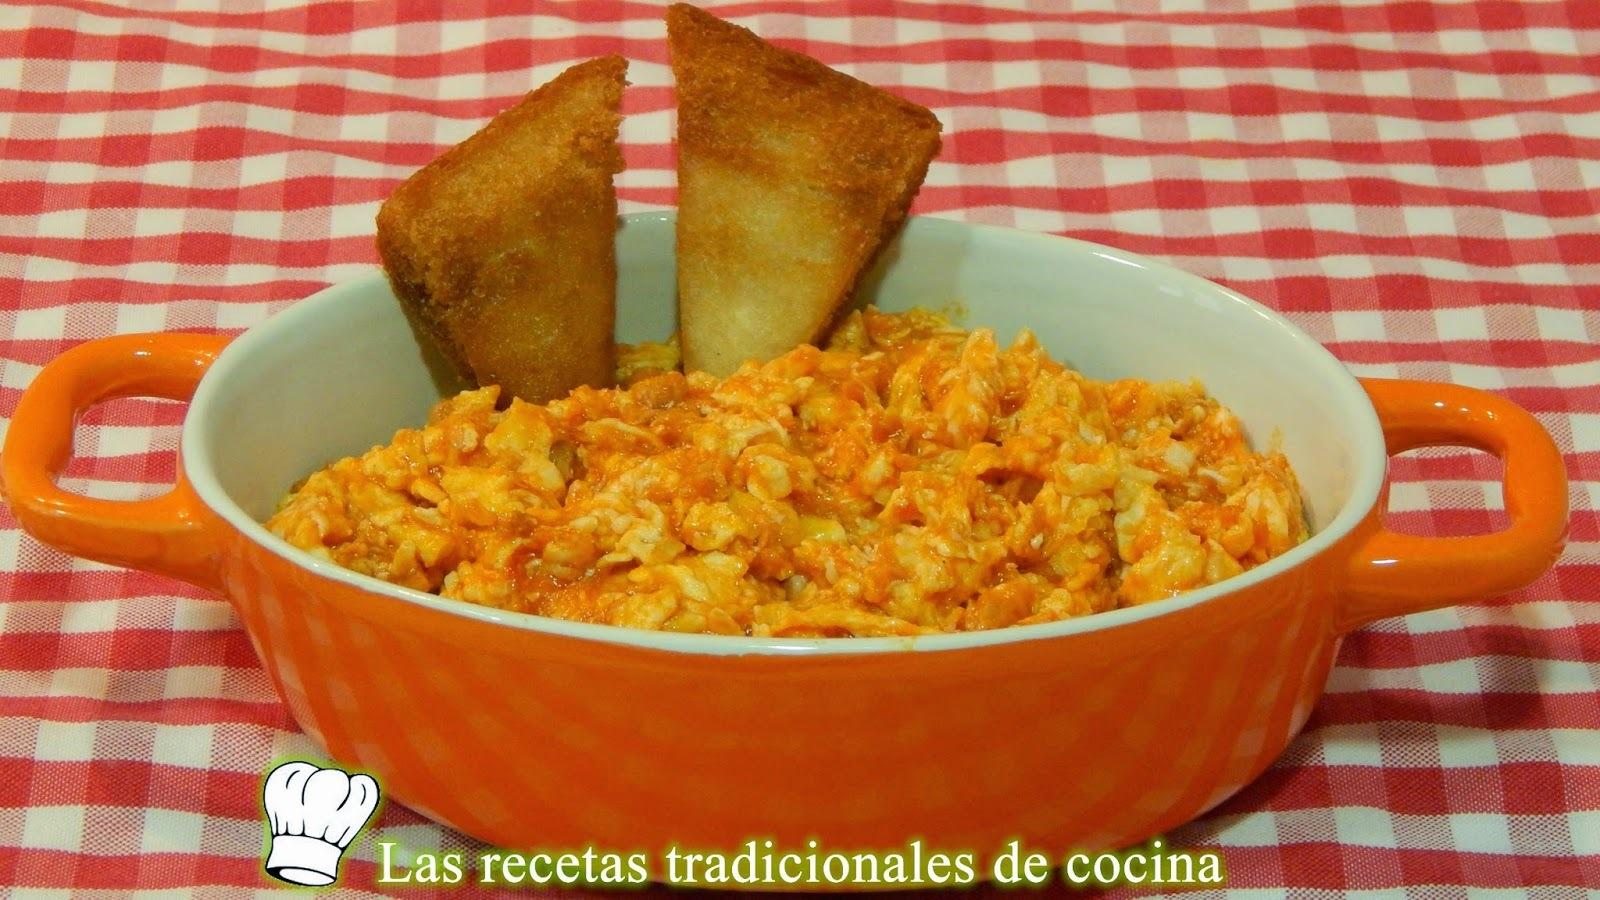 Receta de huevos revueltos con atún y tomate frito